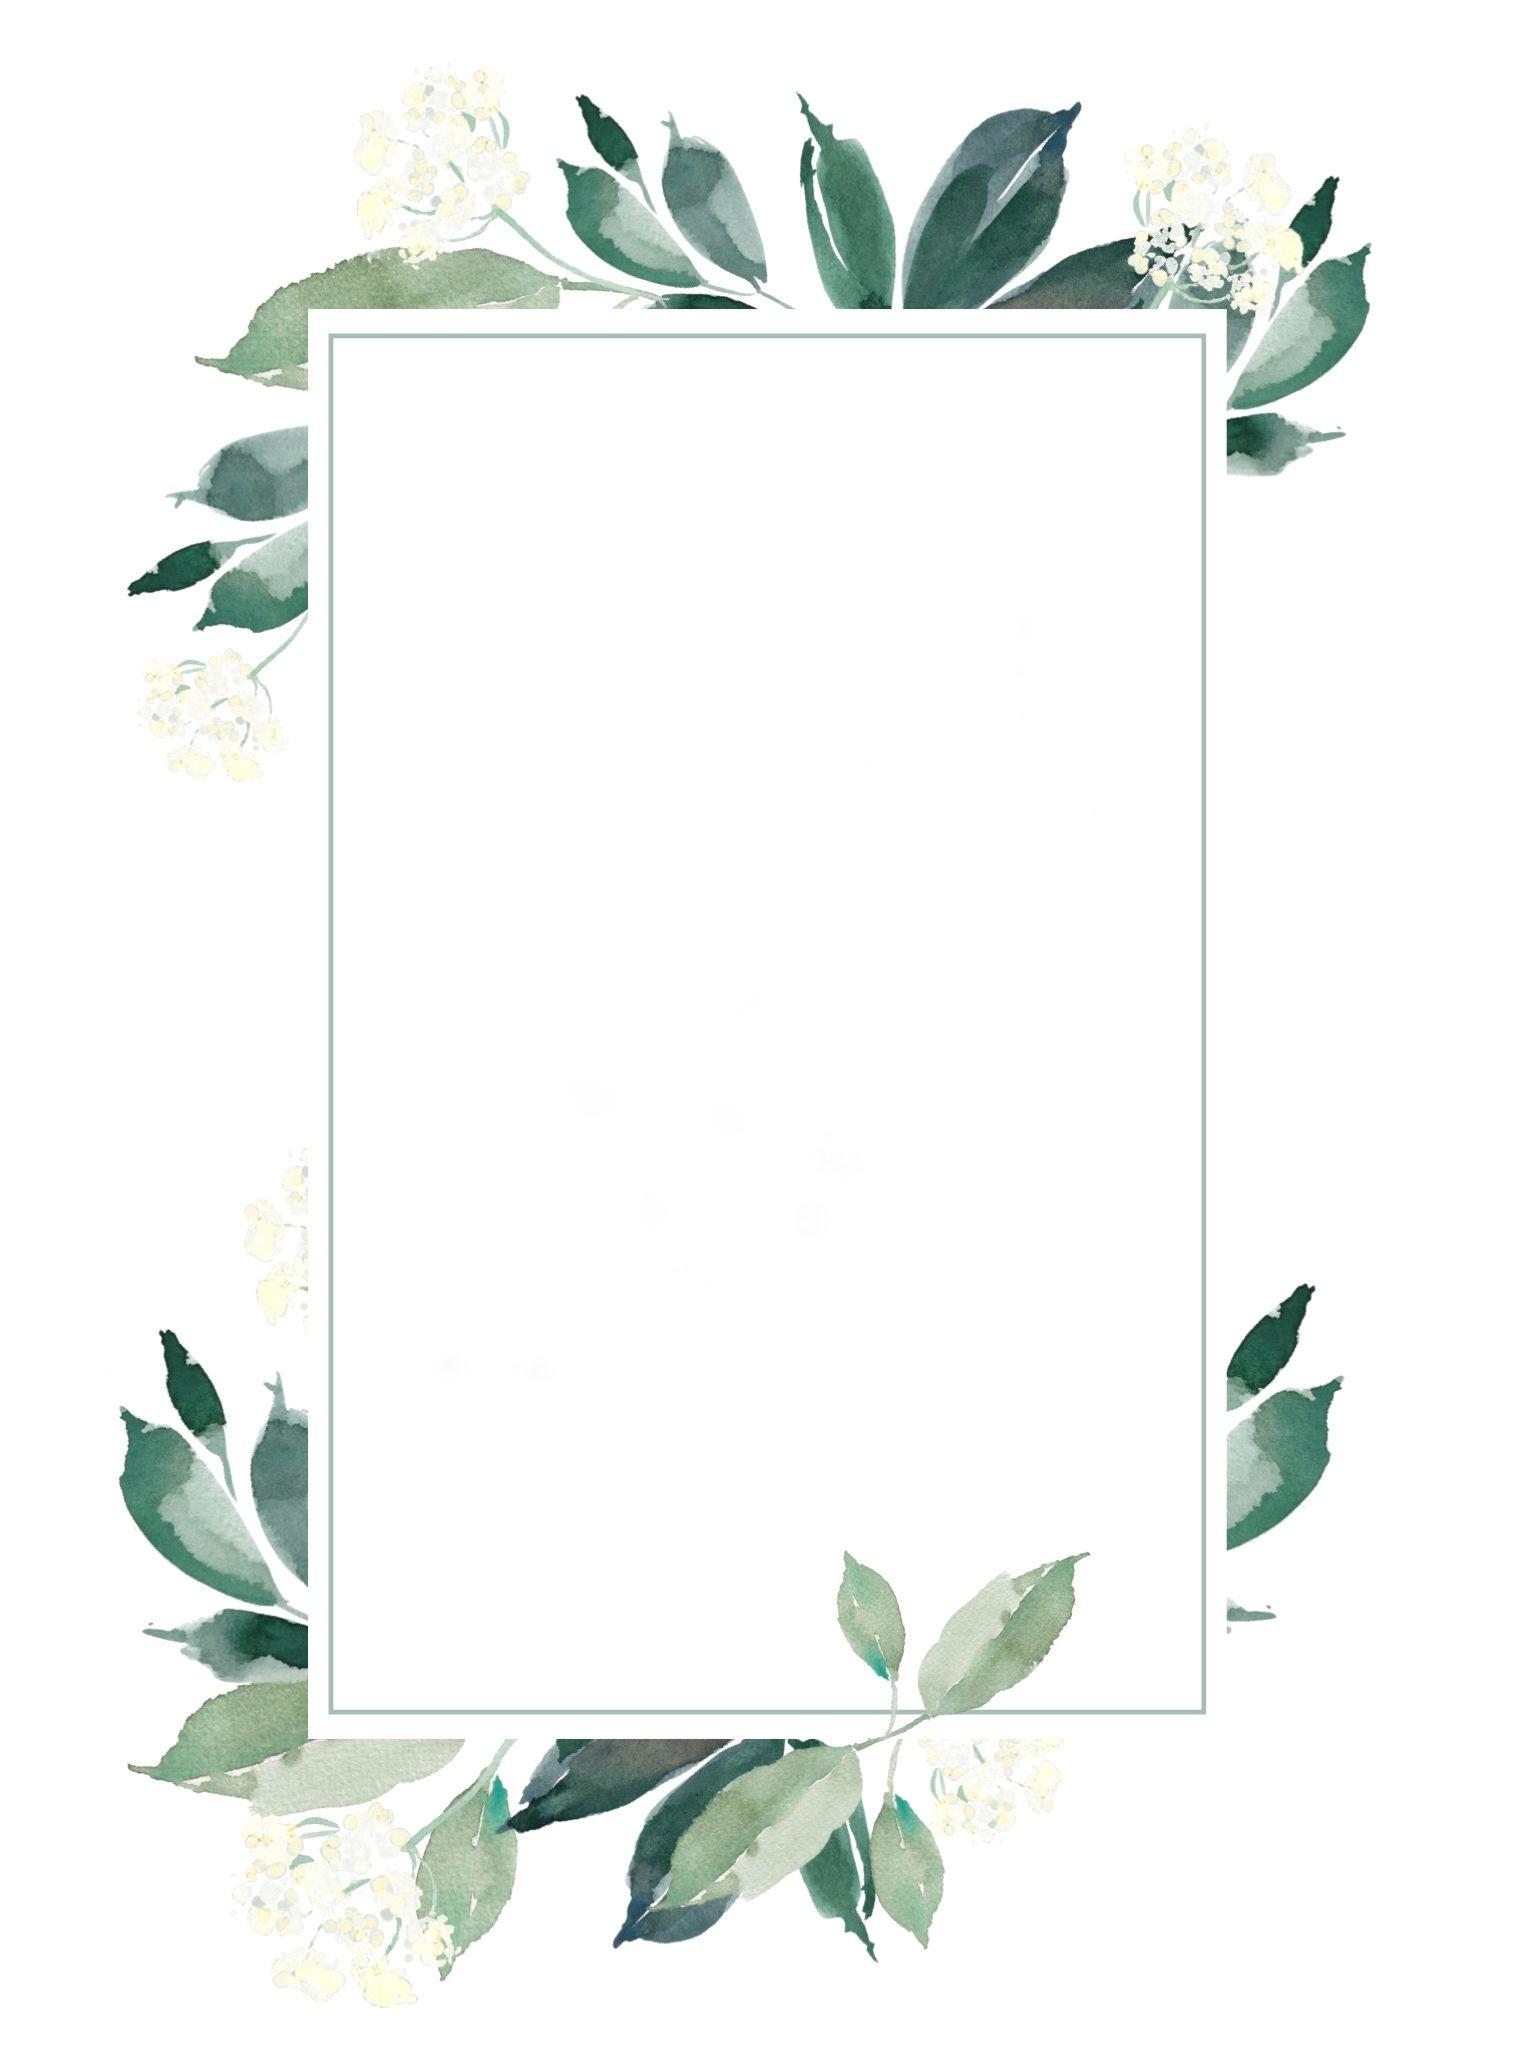 Pin de Shellen Lee en message Card | Pinterest | Fondos, Marcos y ...